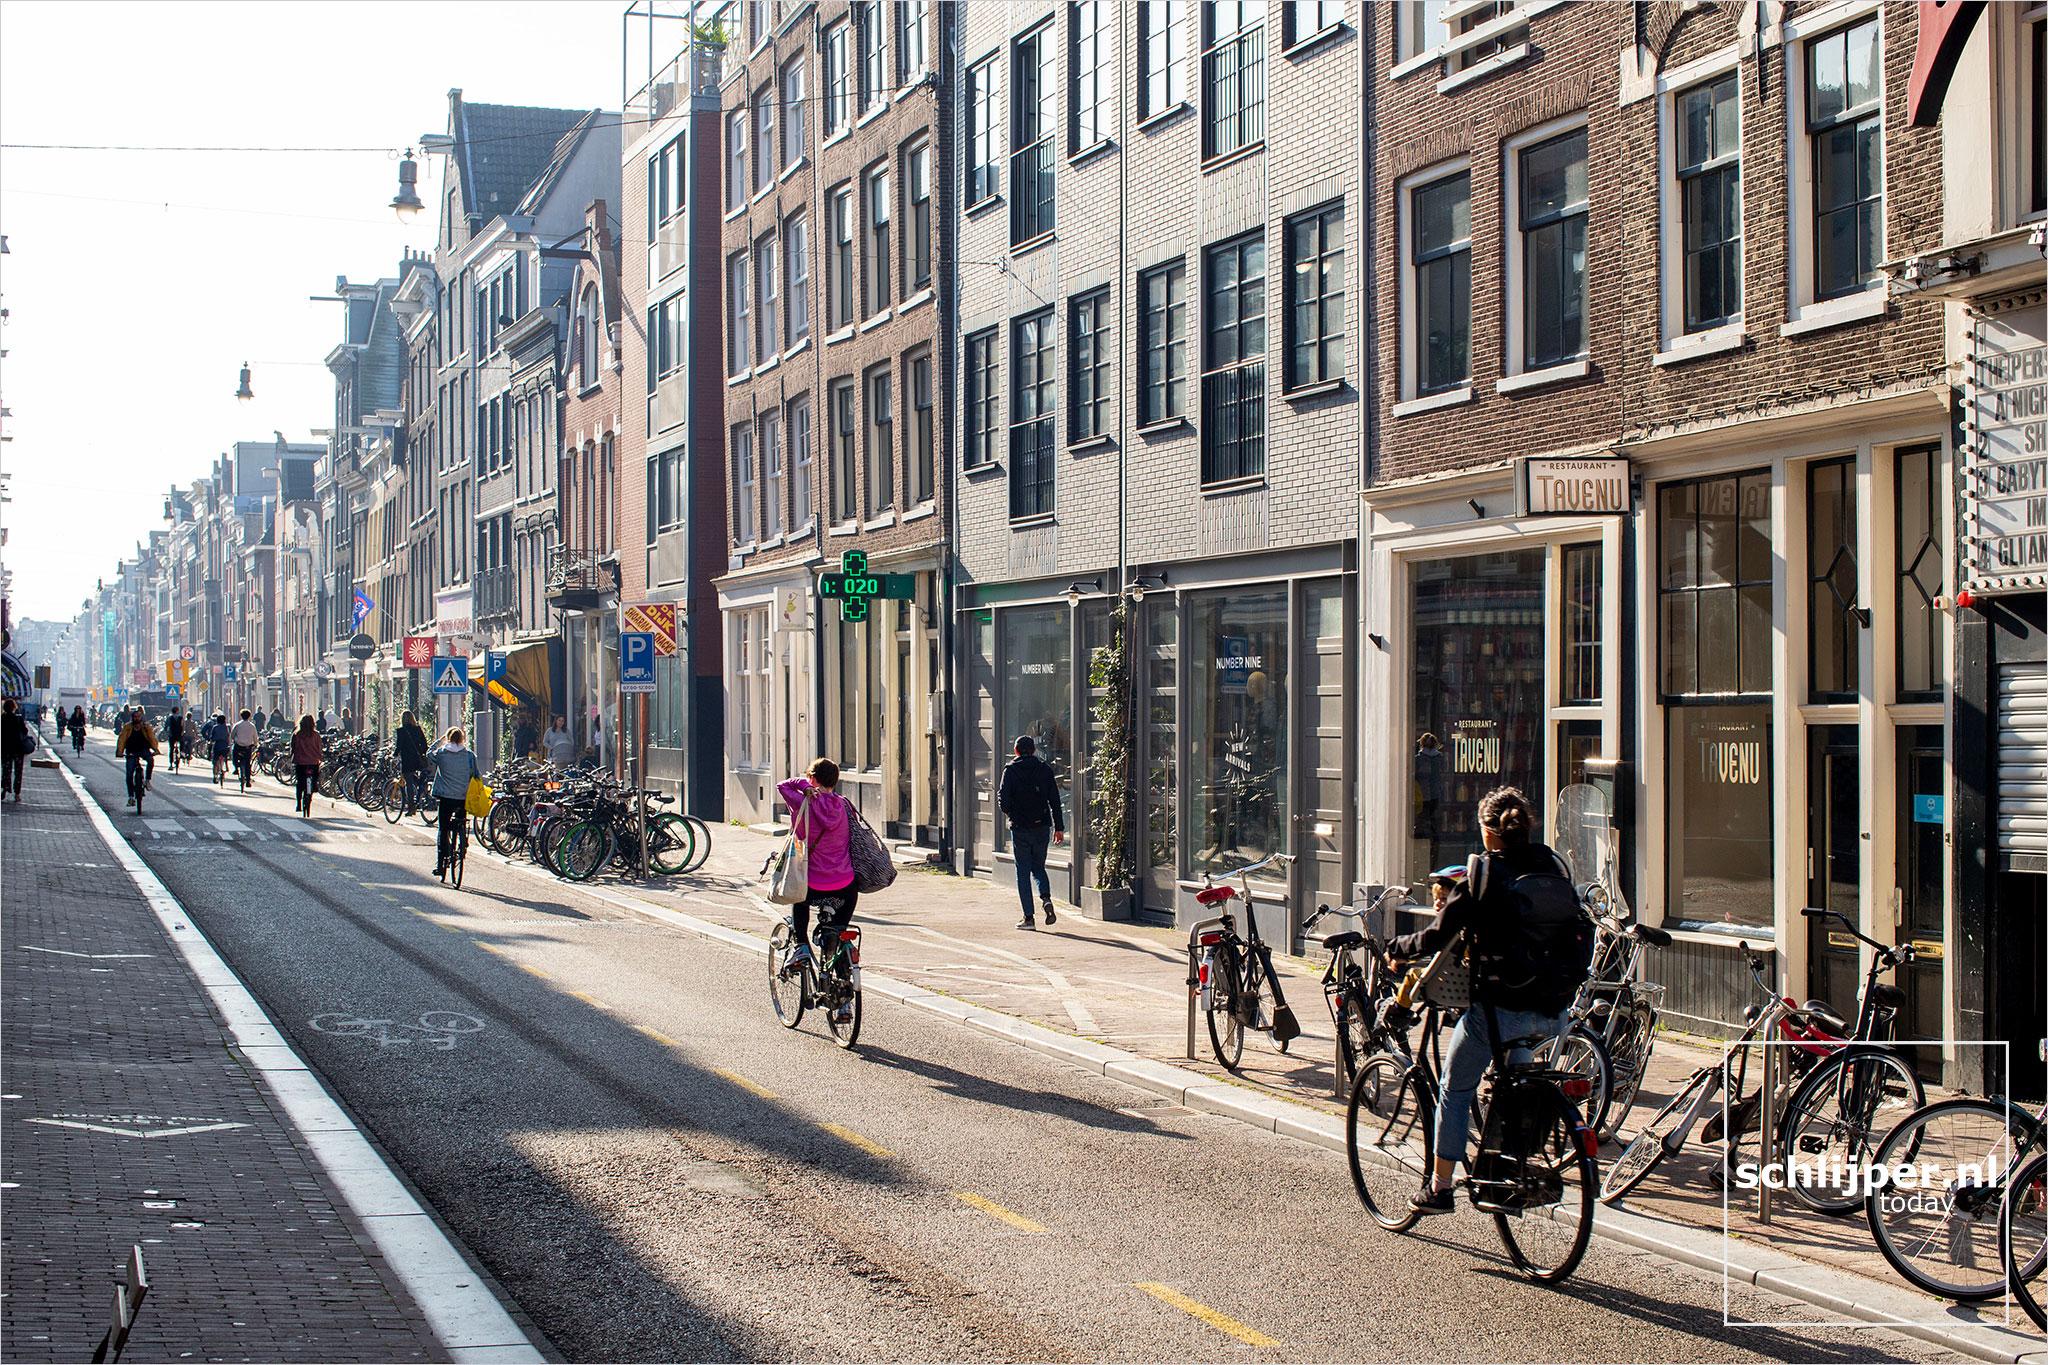 Nederland, Amsterdam, 22 september 2020